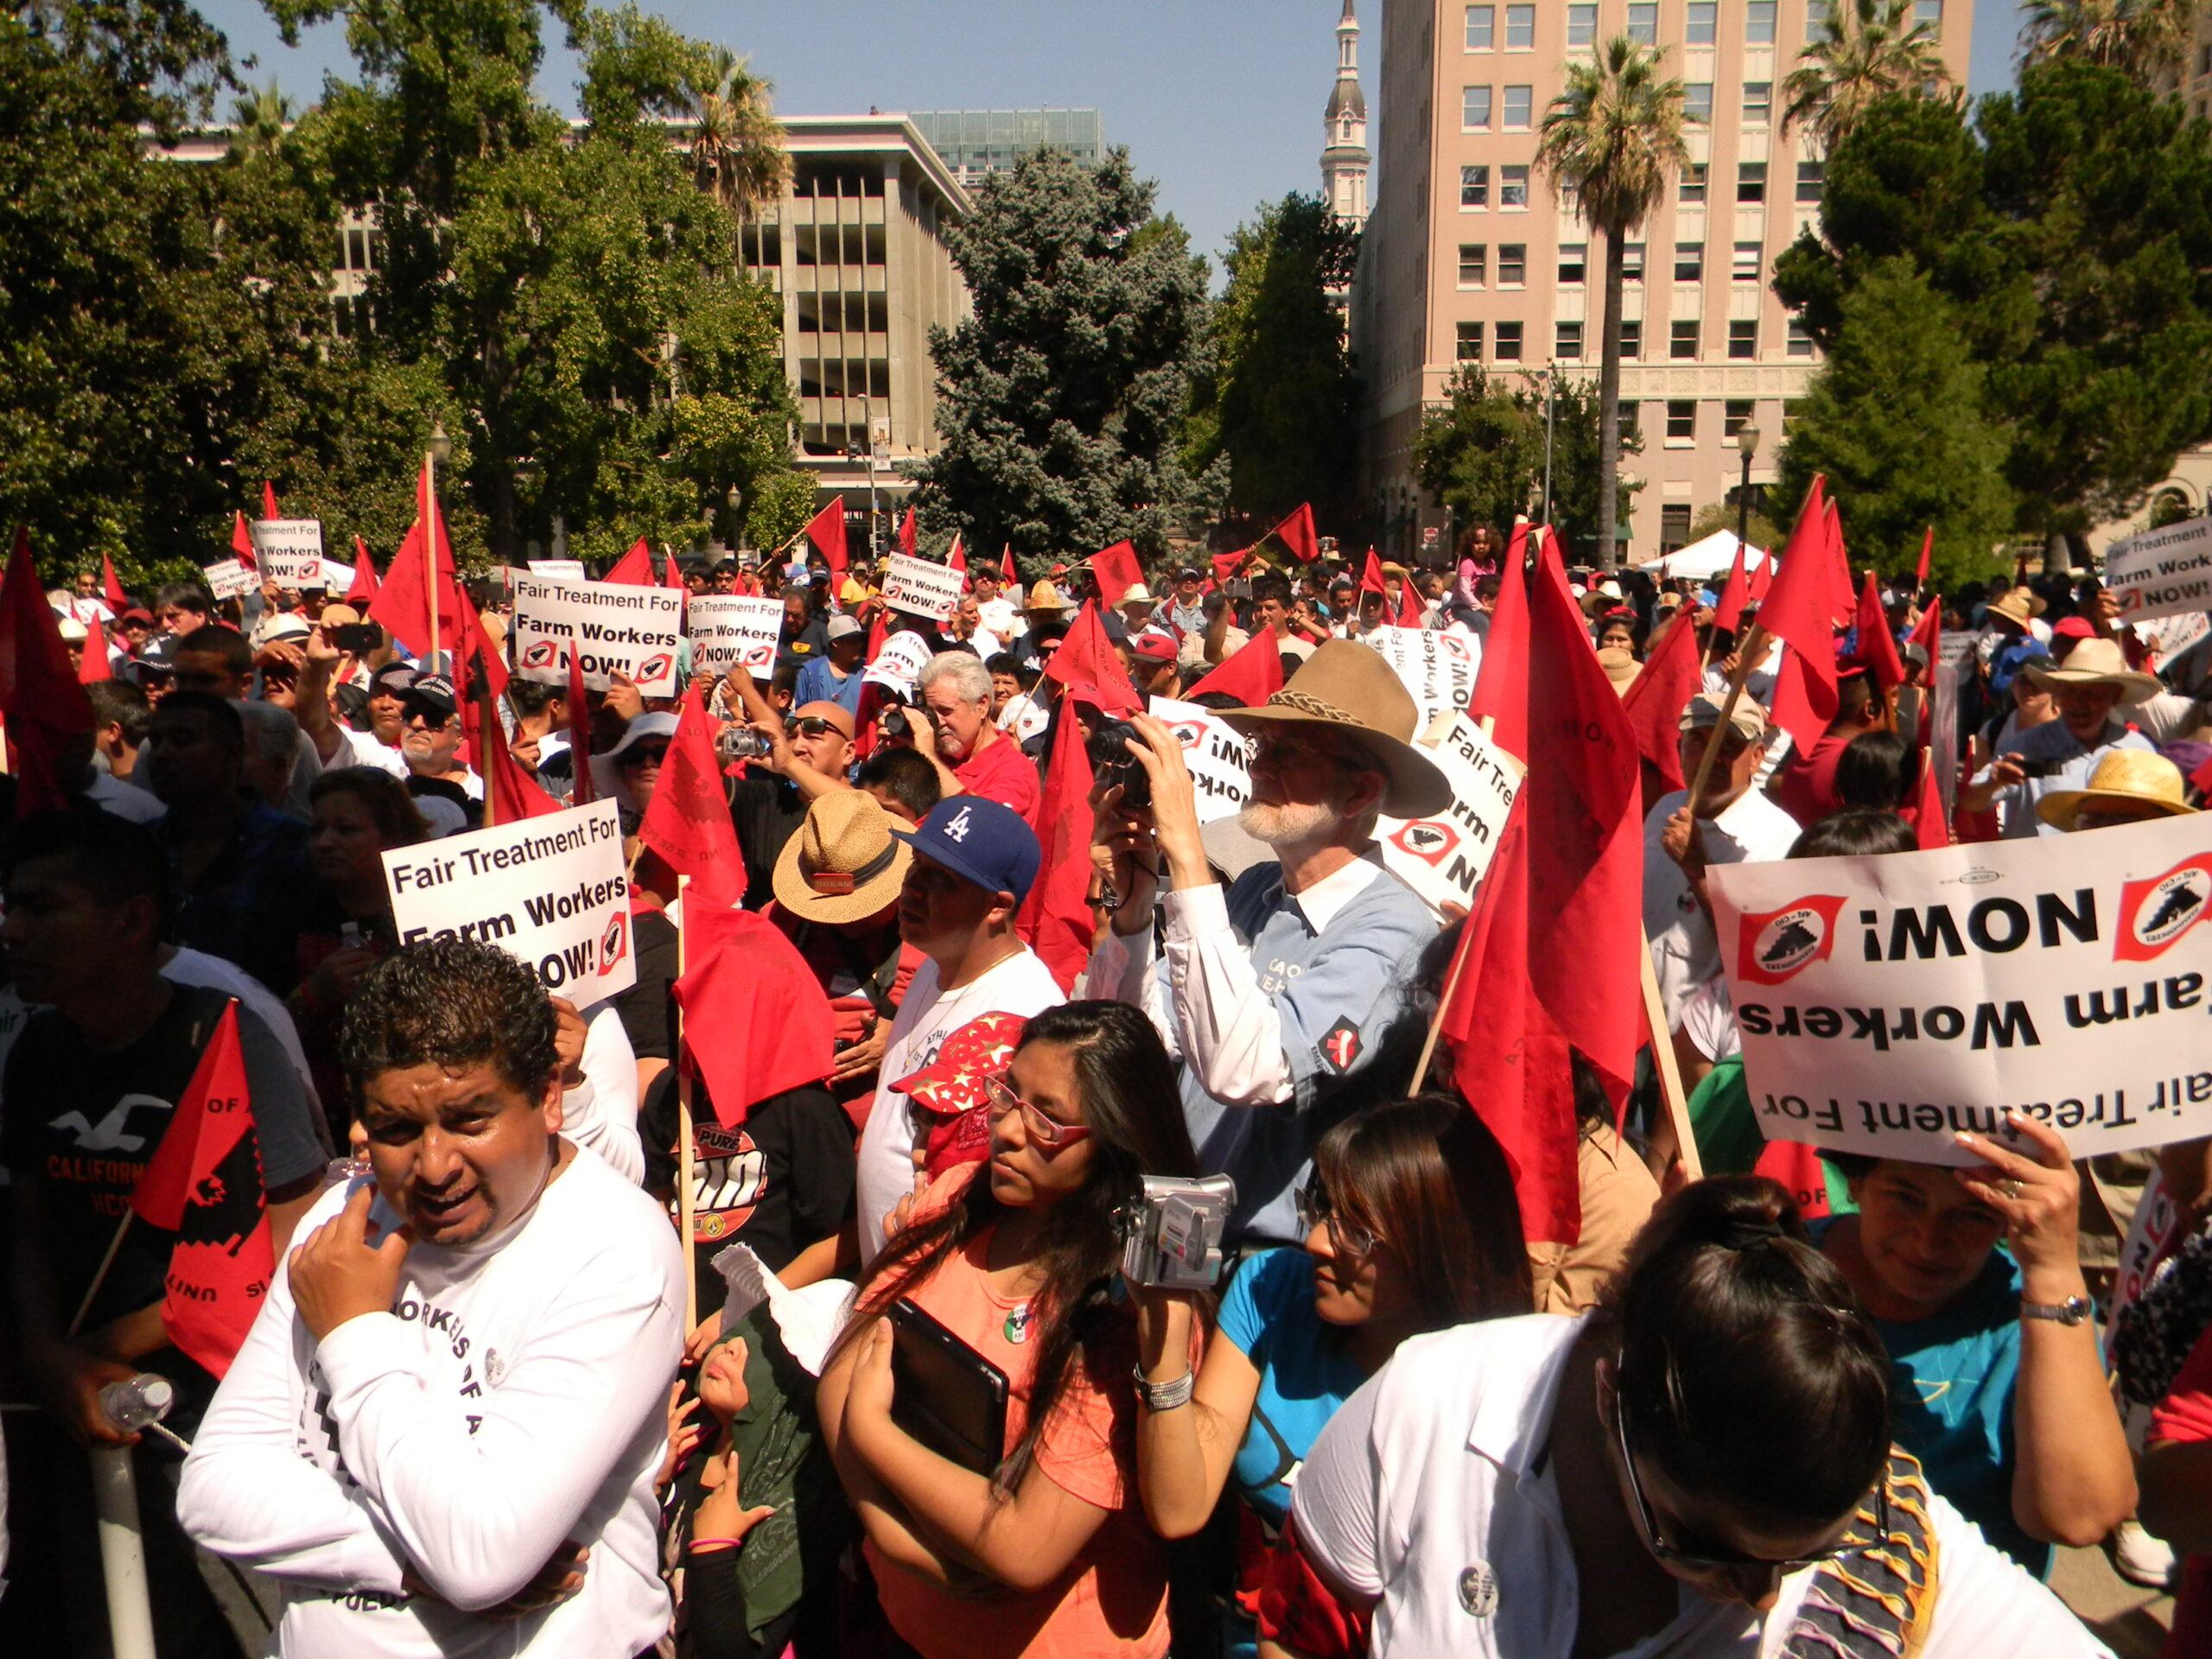 Walking again with Campesinos - Caminando de nuevo con Campesinos